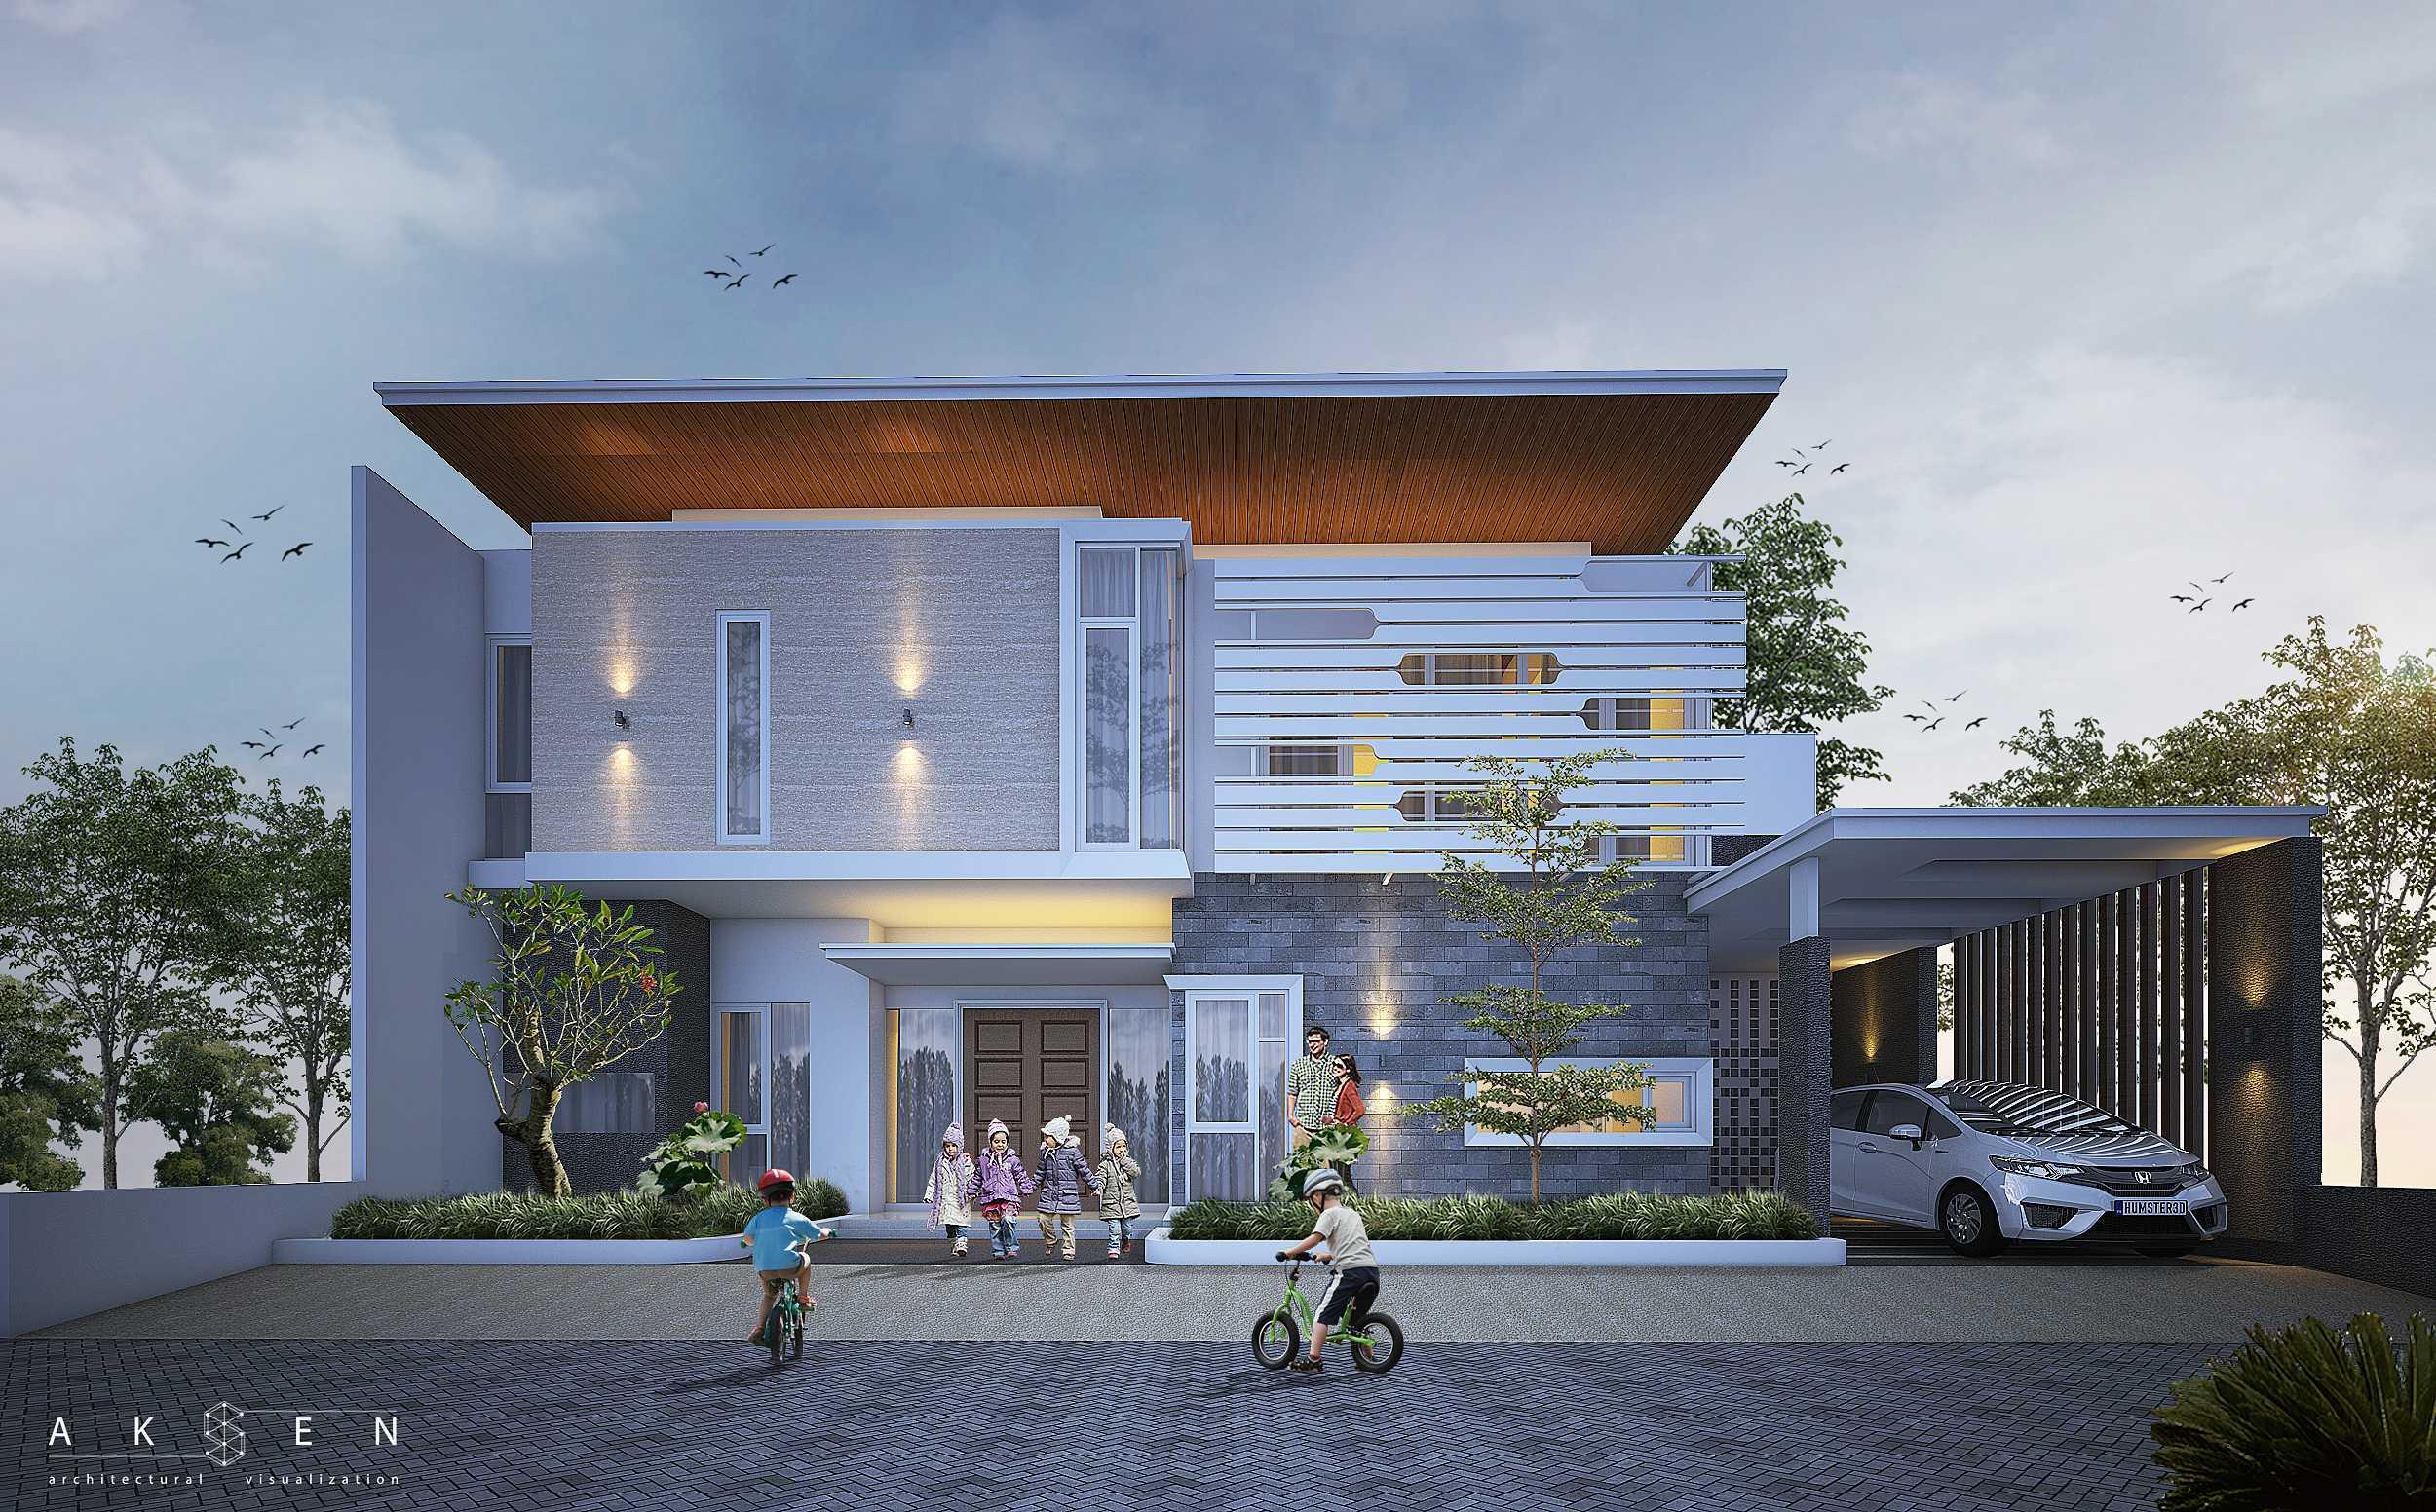 Aksen Architectural Visualization S N House Malang, Kota Malang, Jawa Timur, Indonesia Malang, Kota Malang, Jawa Timur, Indonesia S N House - Front View Modern  42540